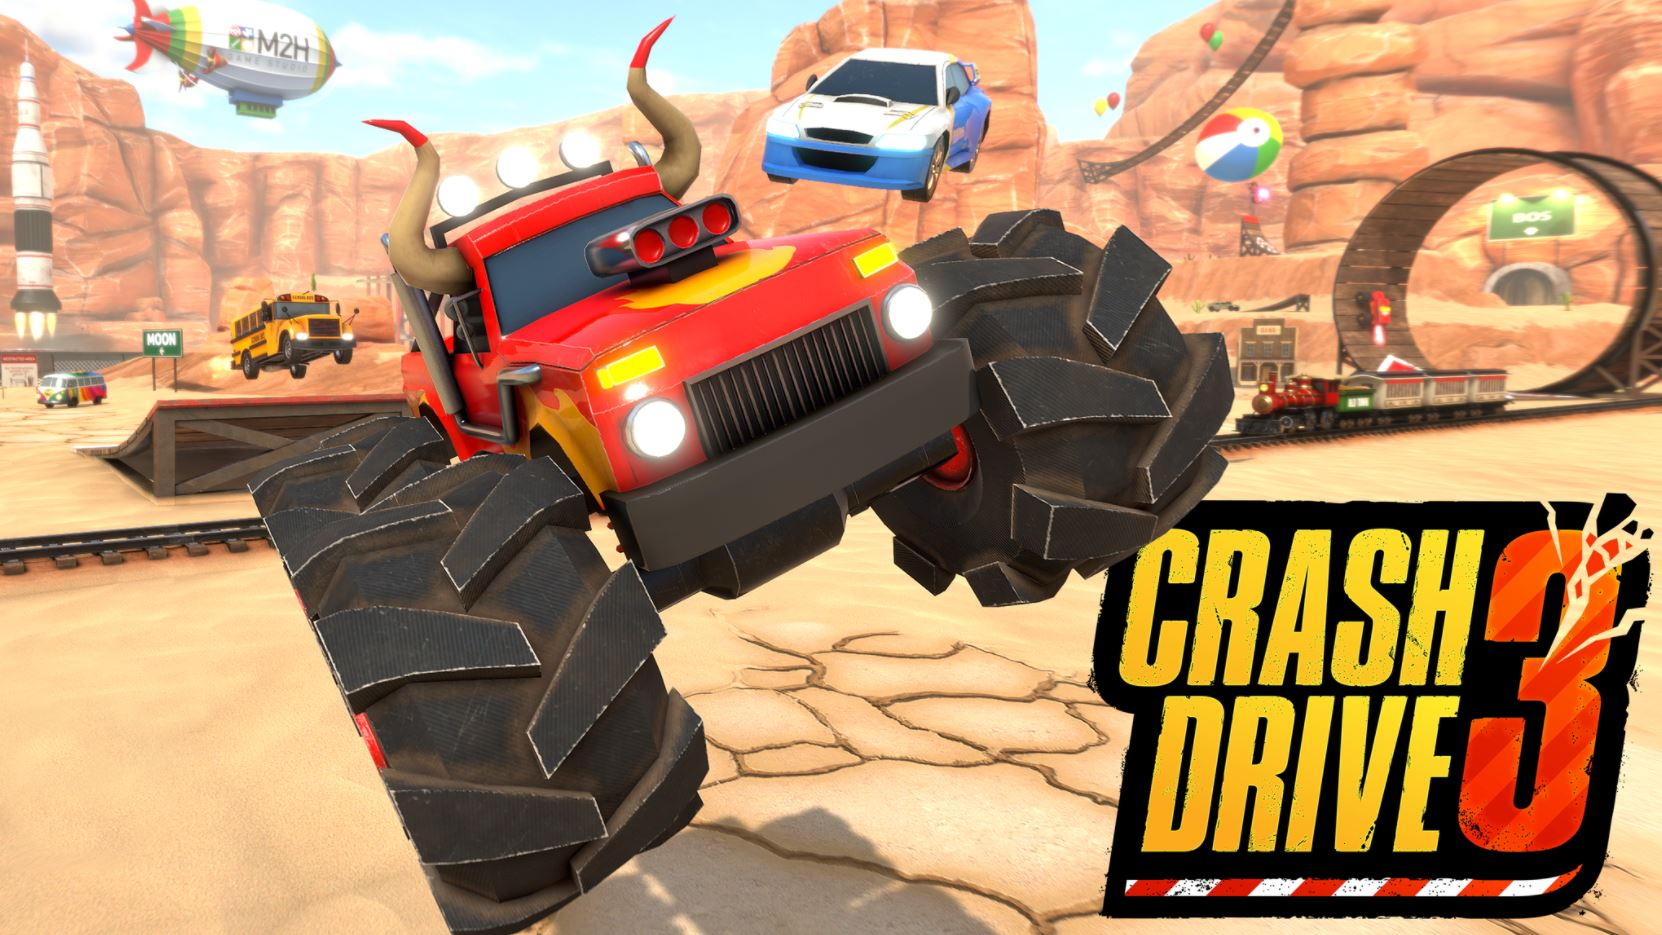 crash-drive-3-ps5-ps4-news-reviews-videos